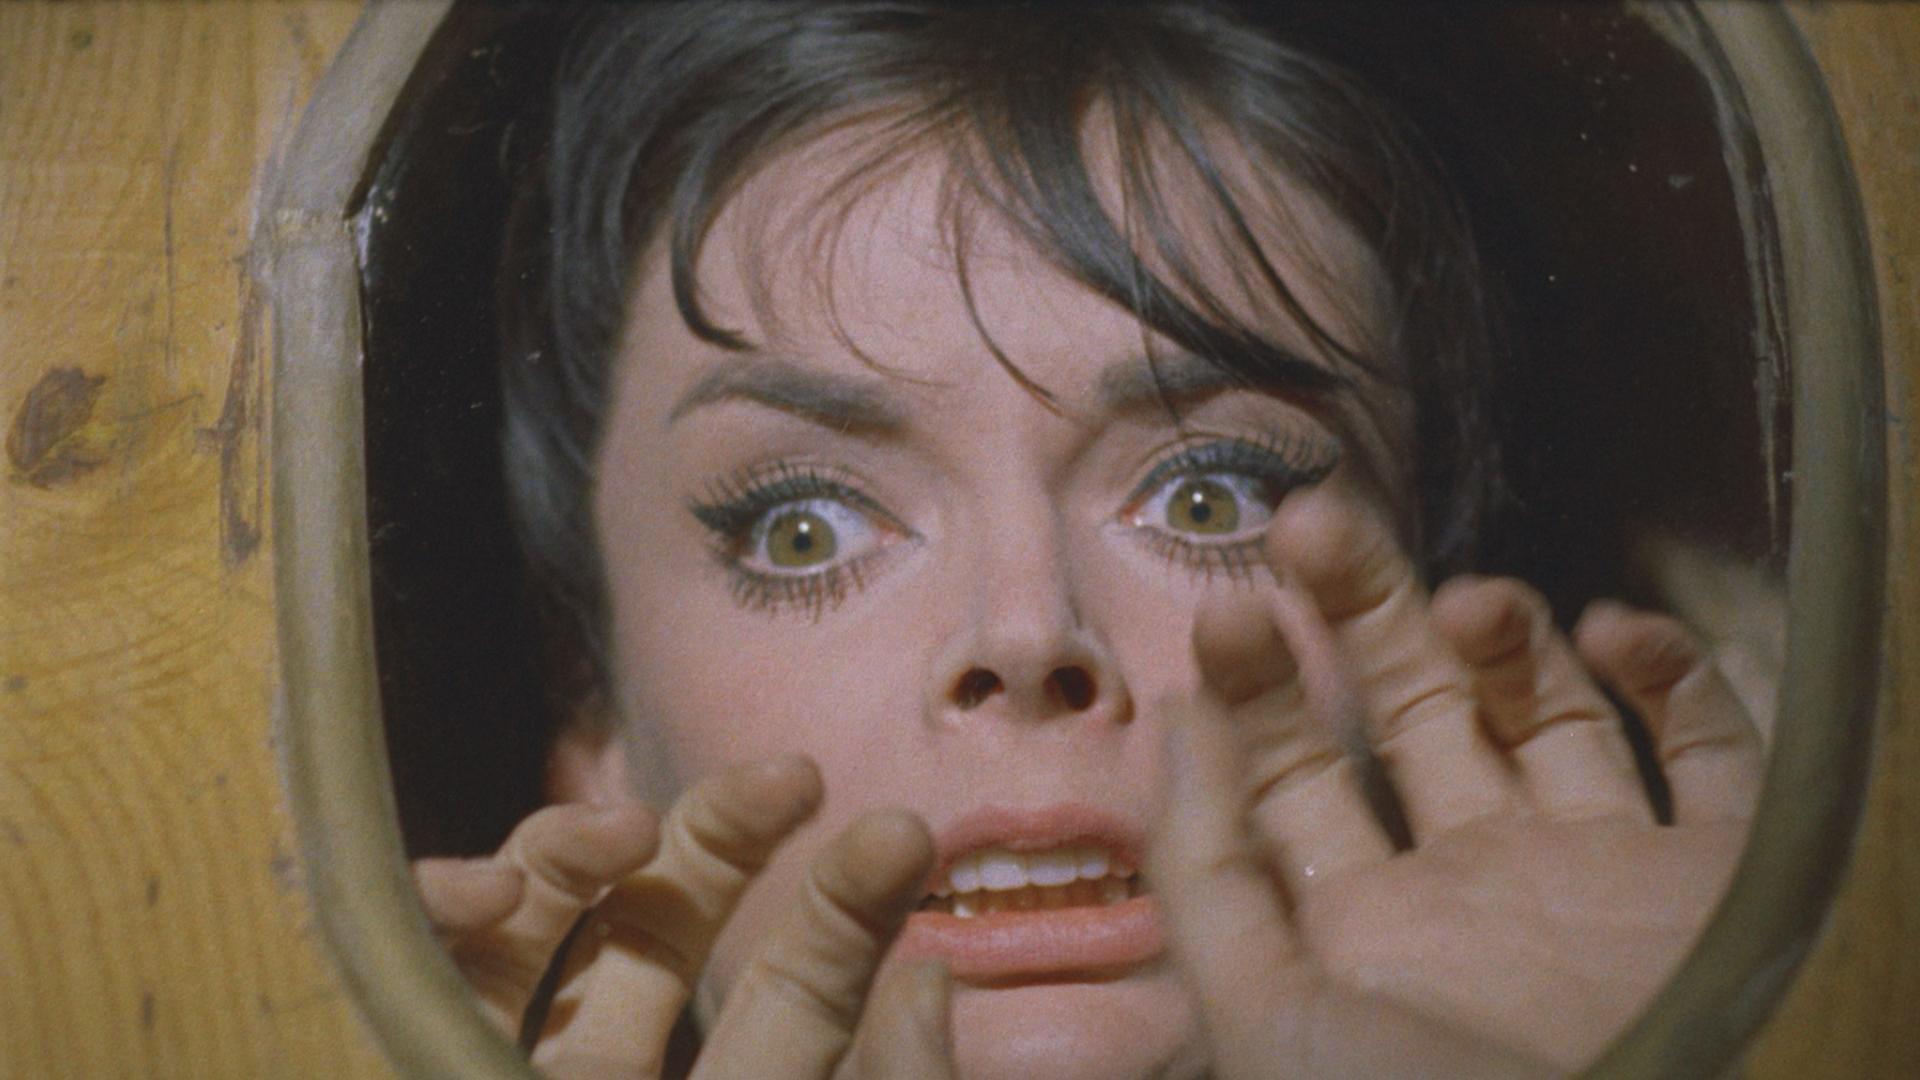 Boia, maschere e segreti: l'horror italiano degli anni sessanta